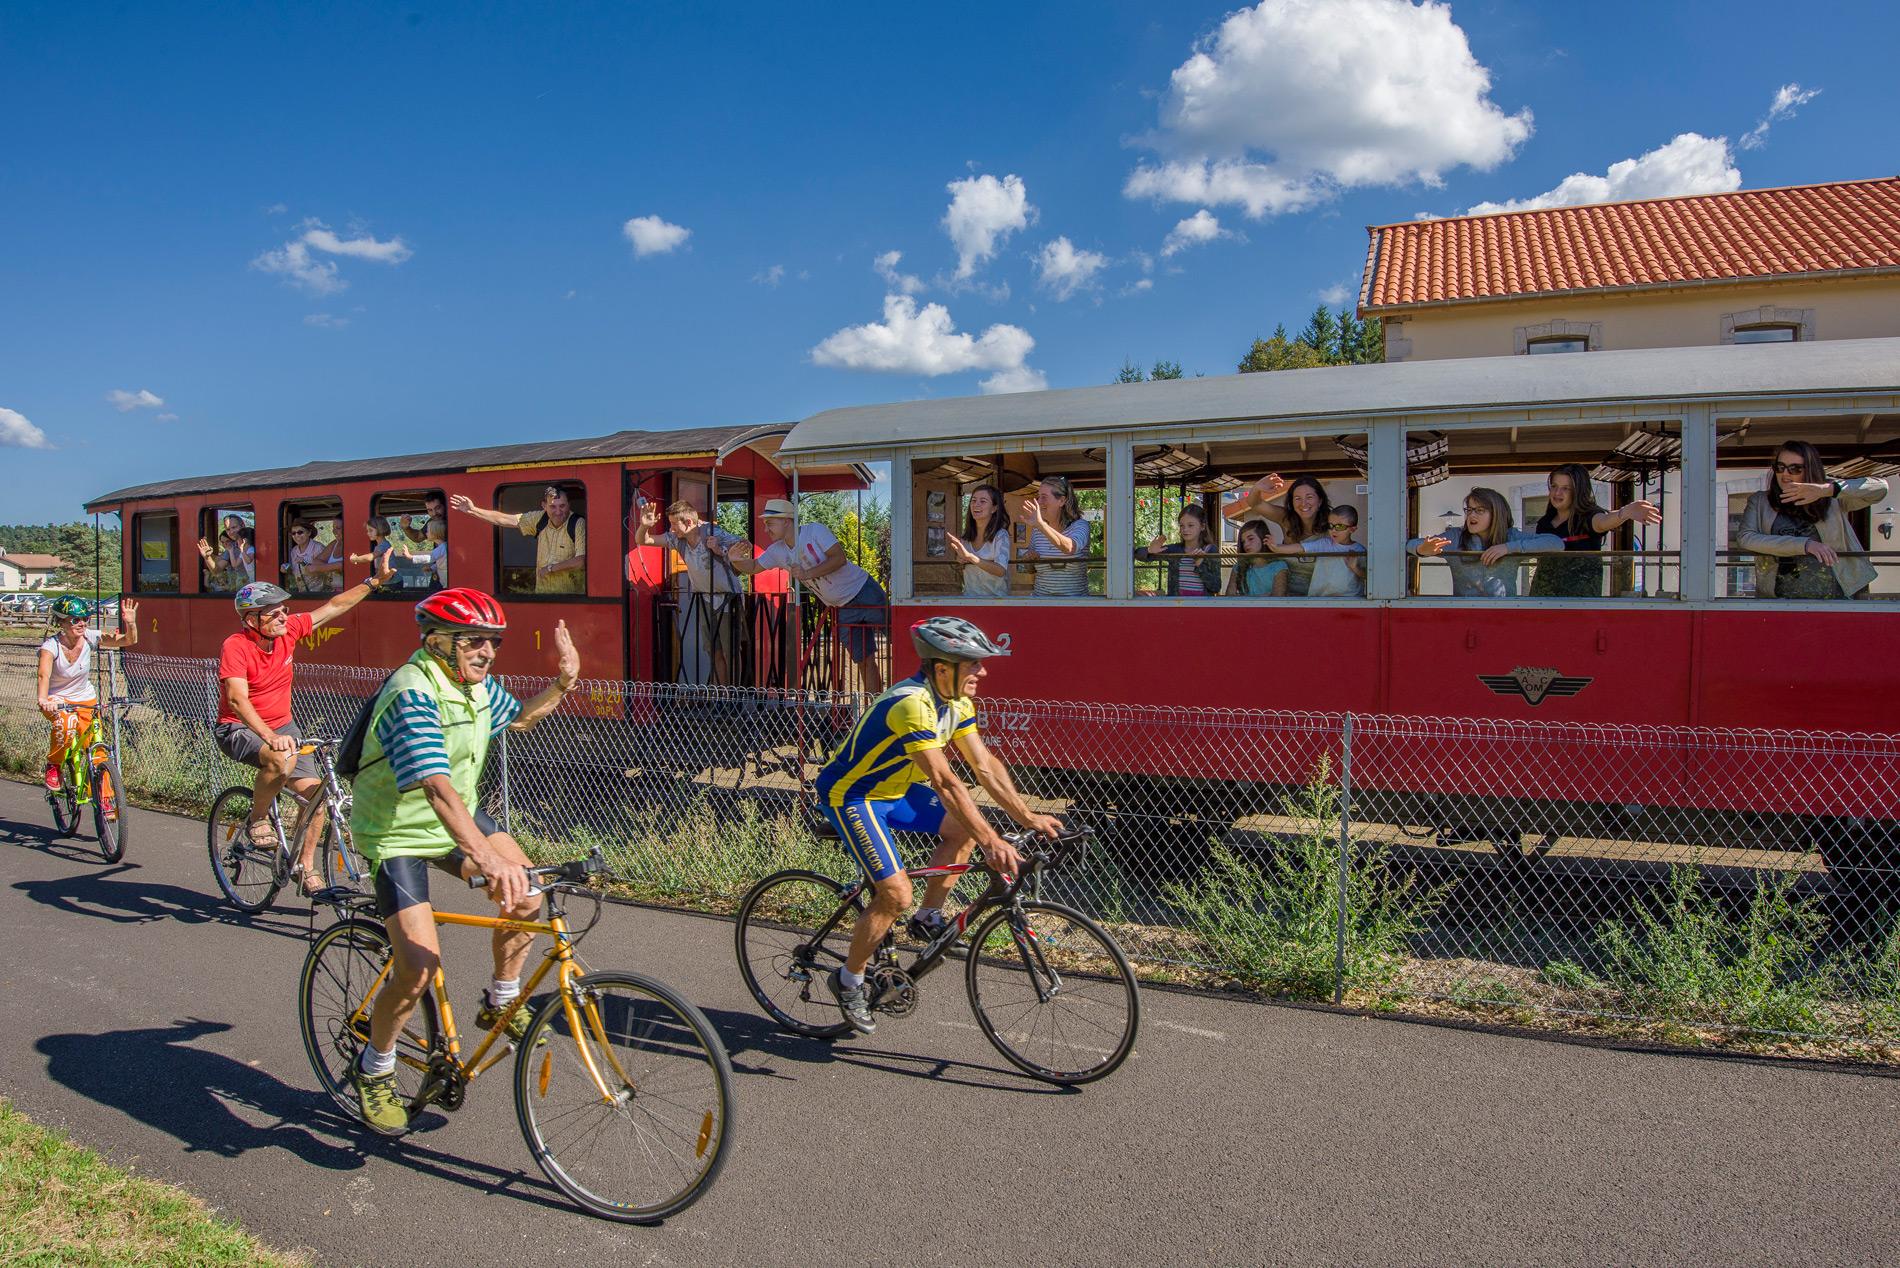 Train touristique et vélos sur la Via Fluvia à Raucoules